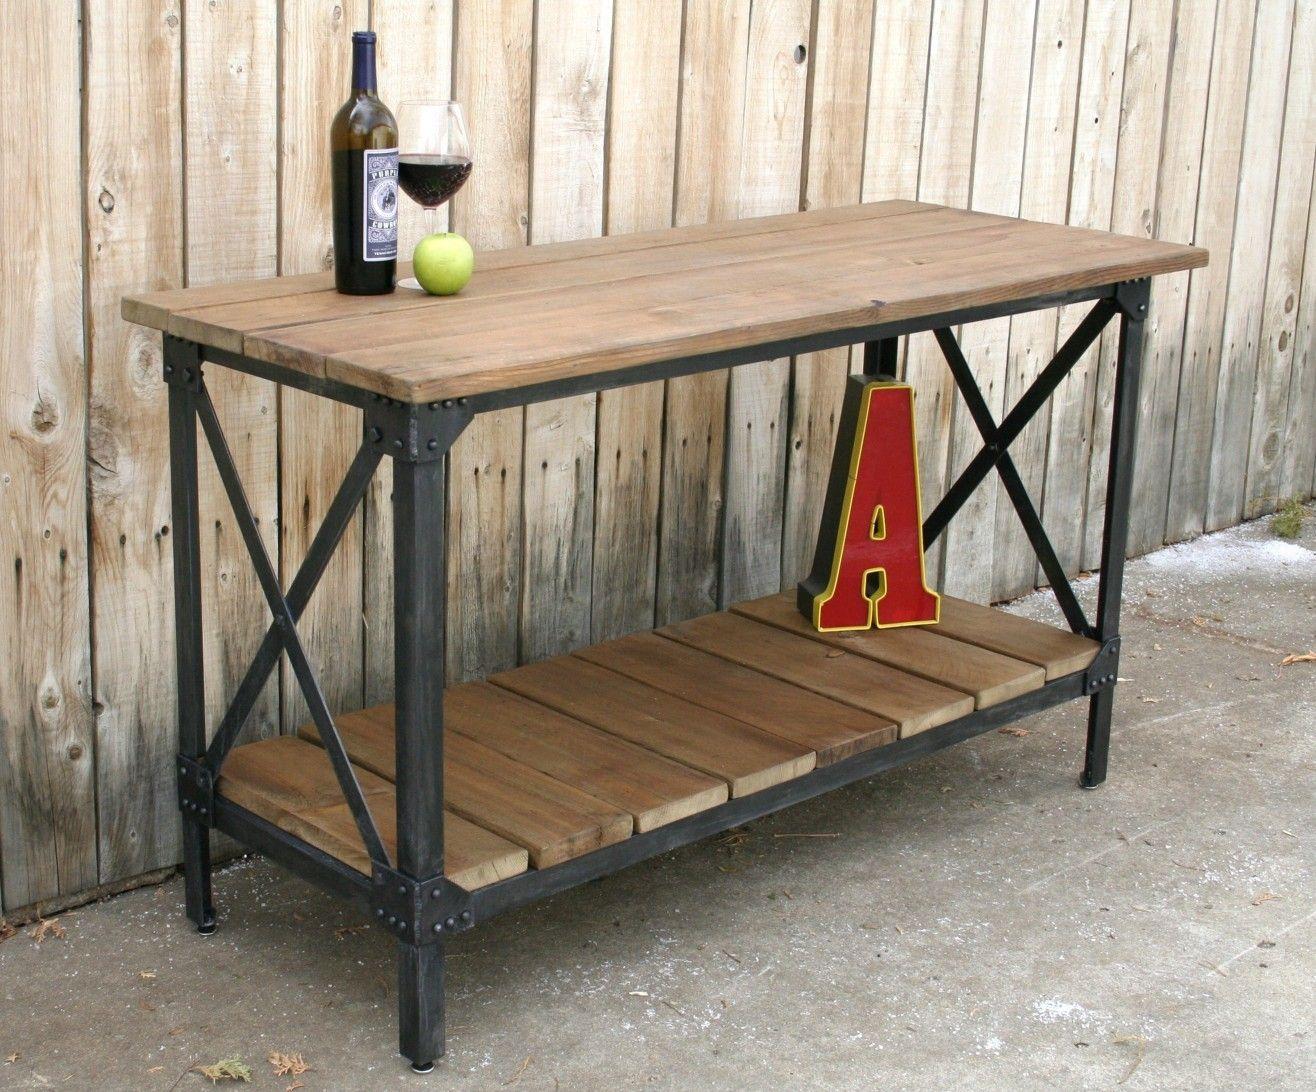 Industrial Wood And Metal Nightstand: Handmade Scrap Metal And Reclaimed Wood Industrial Style